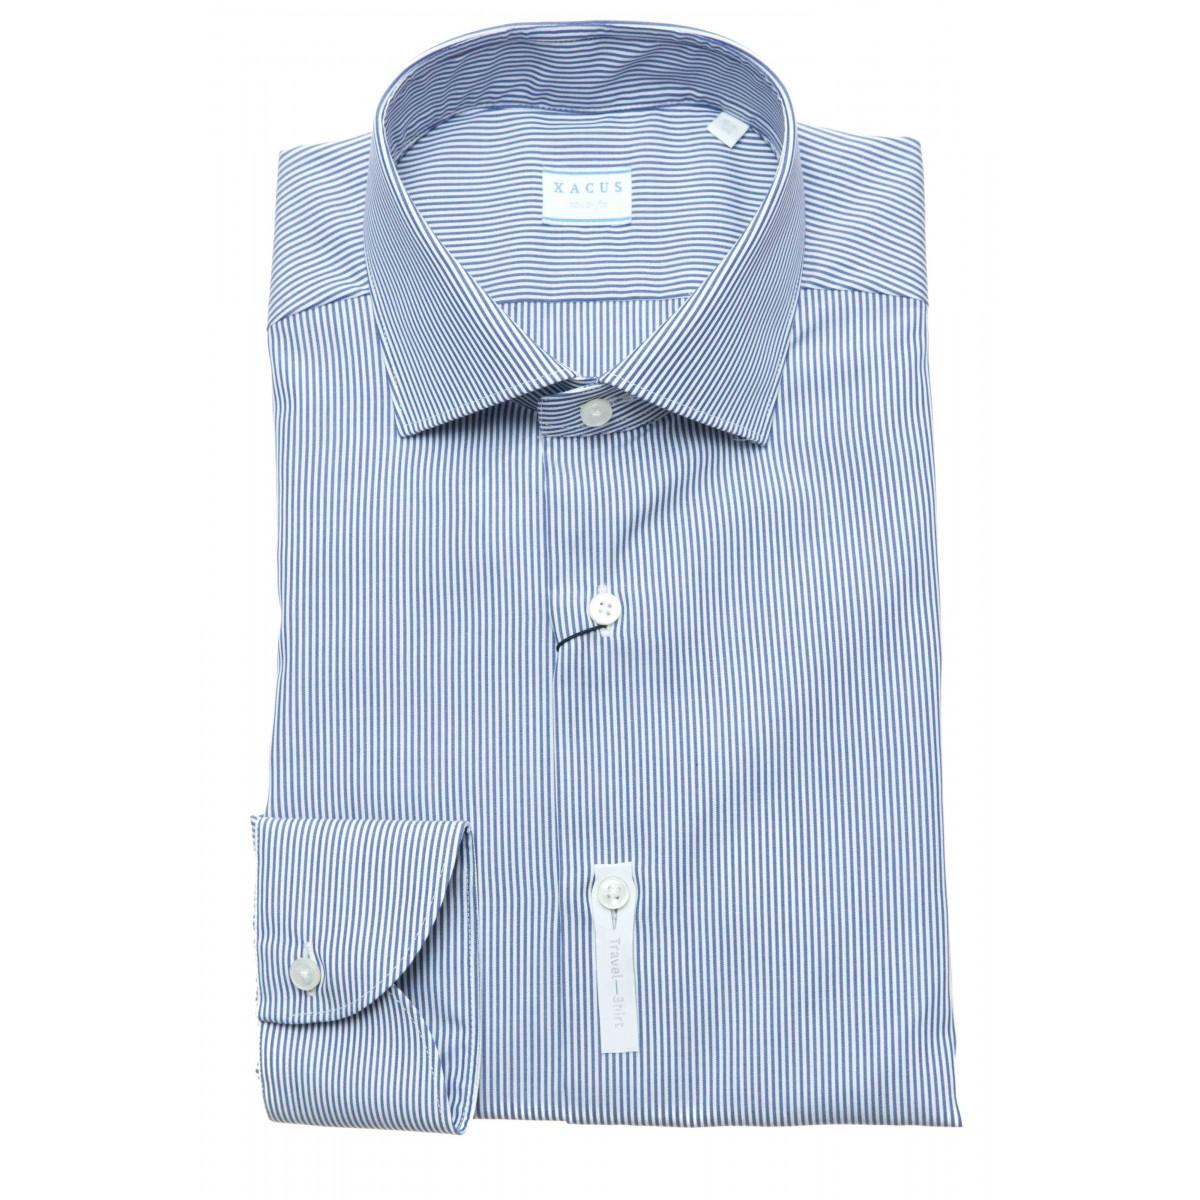 Camicia uomo - 558 11314 camicia no stiro popeline